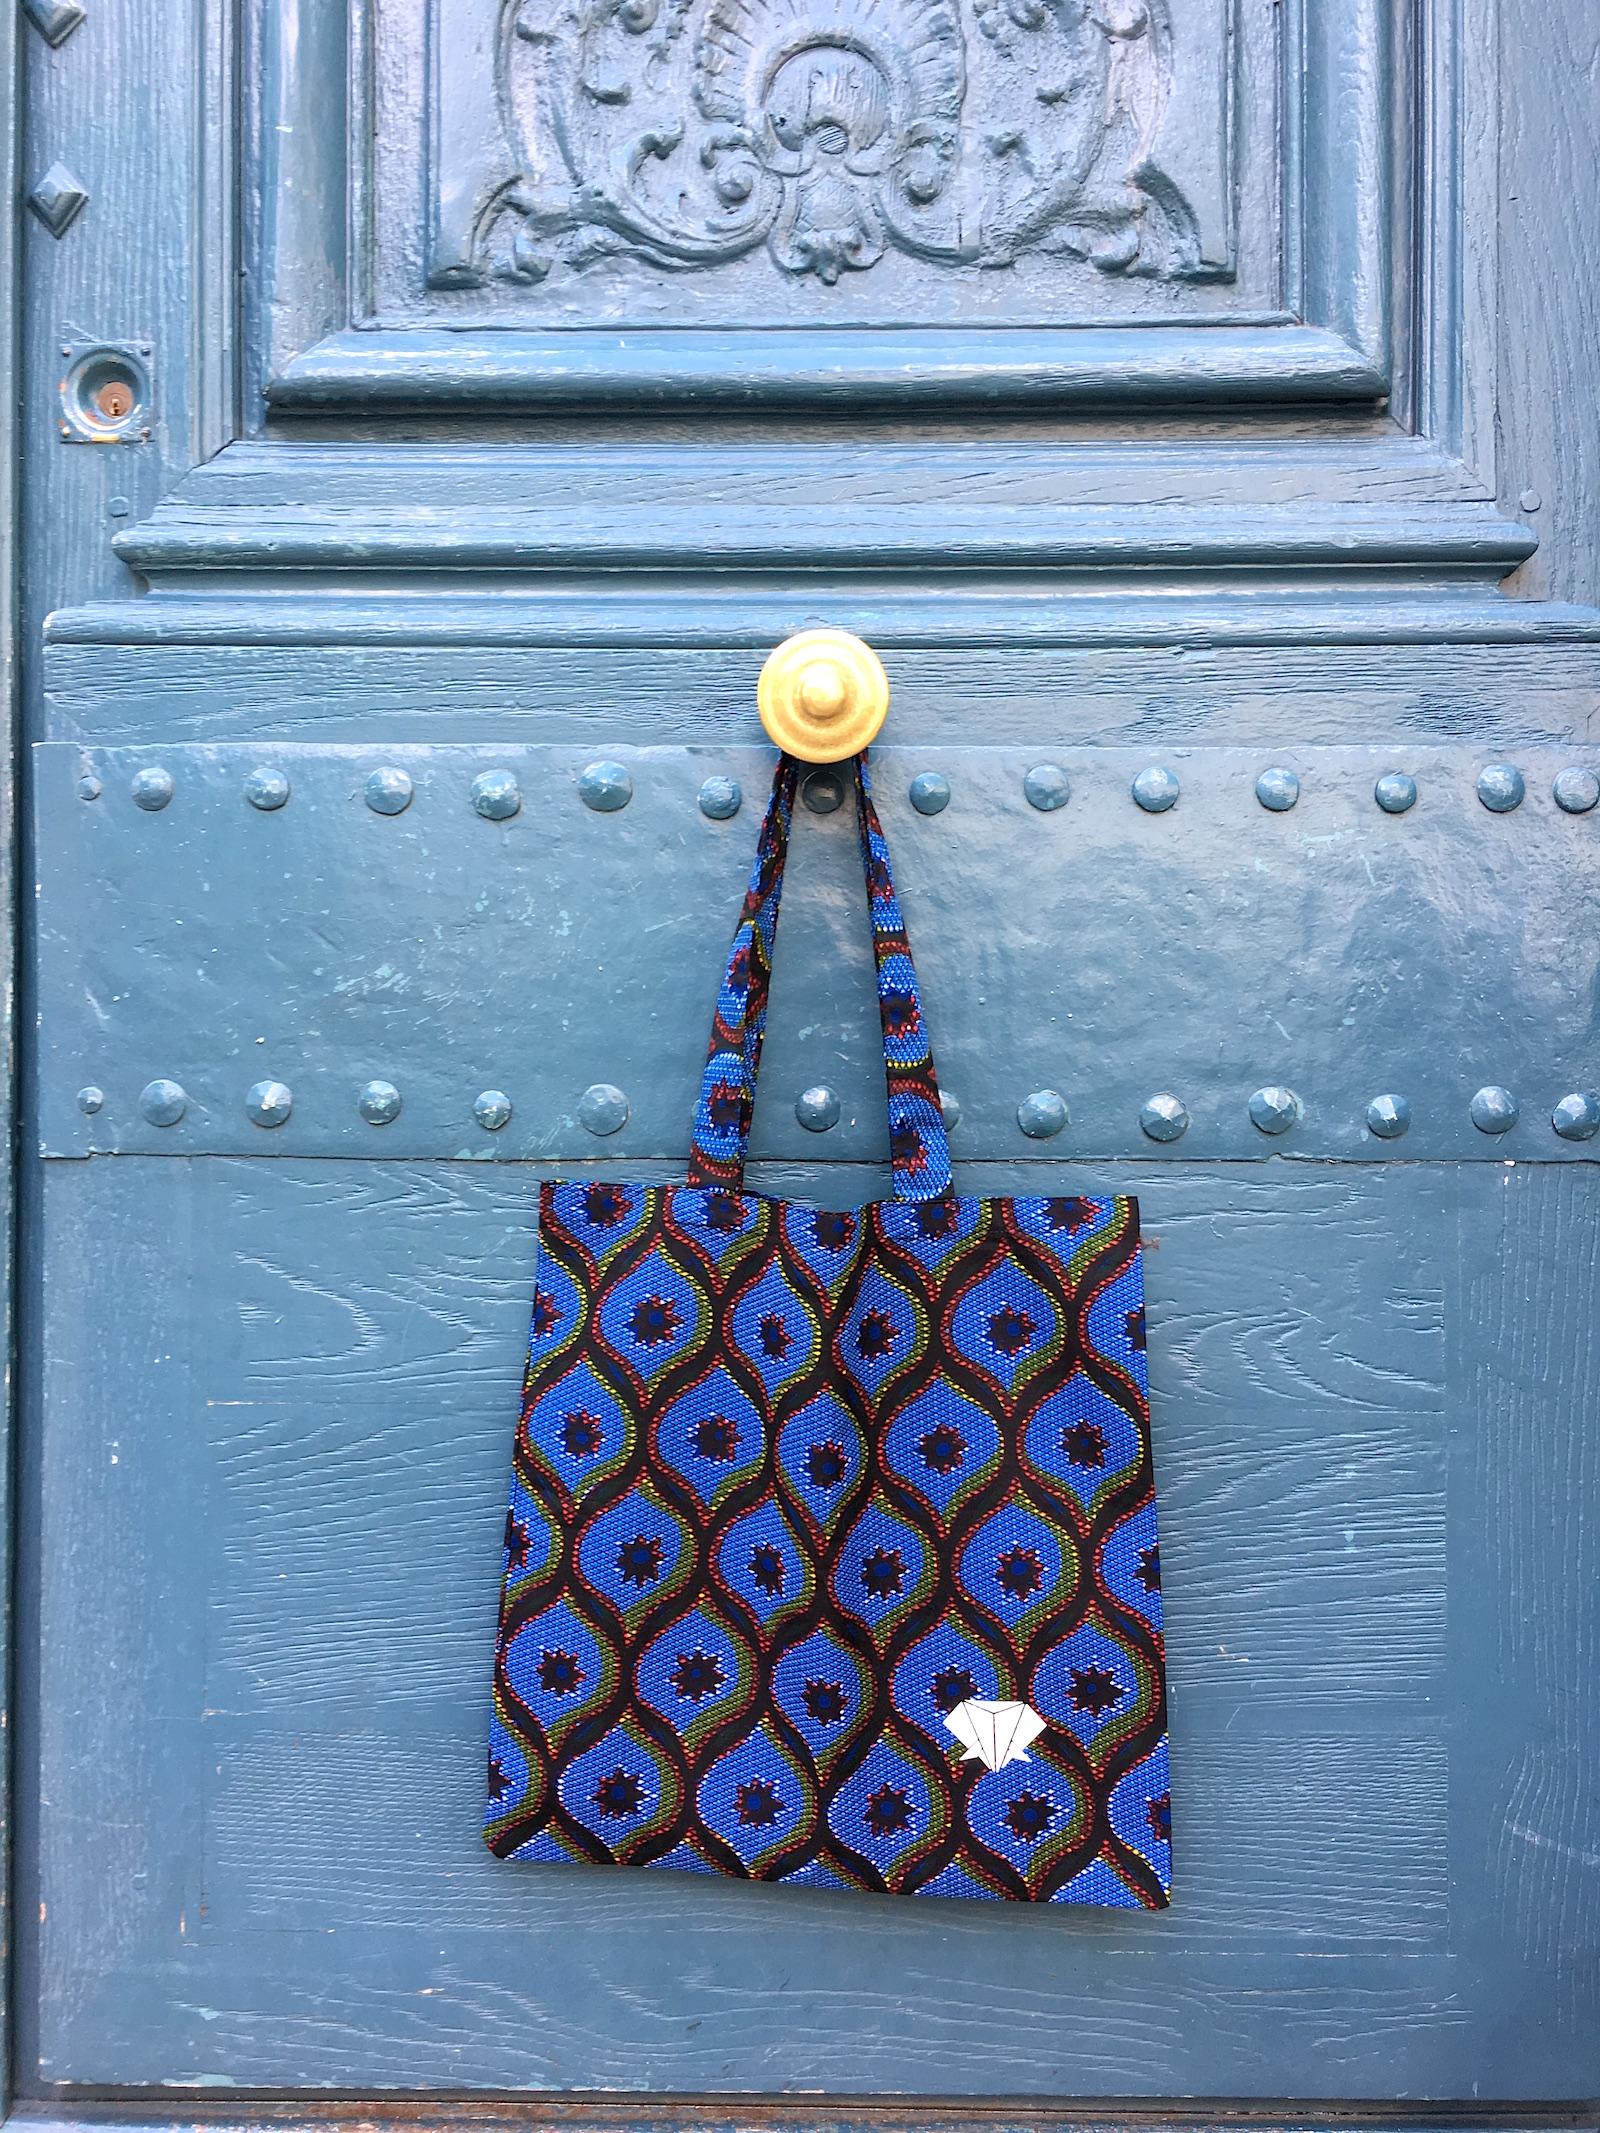 amwp-wax-totebag-congres-bleu-tissu-africain-accessoire-urbain